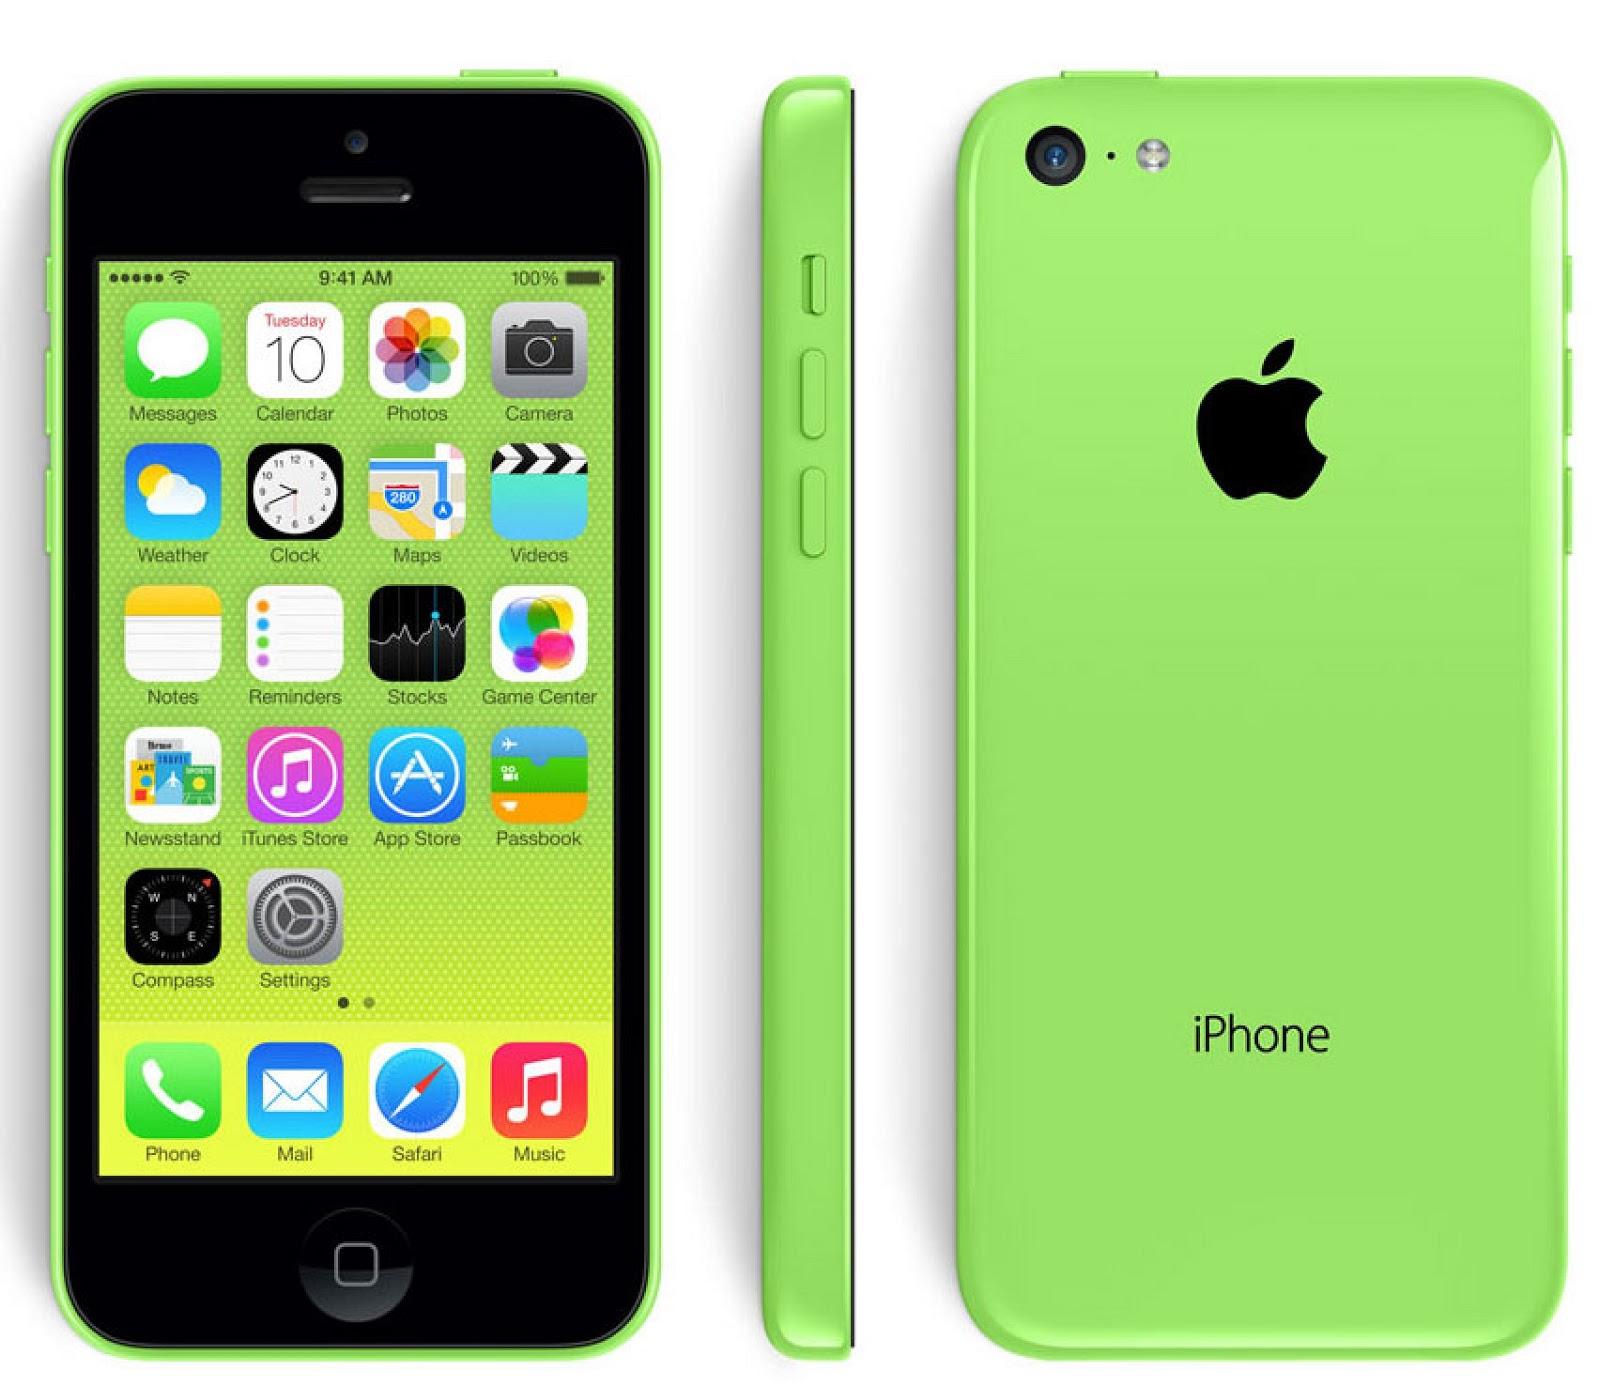 Kelebihan dan kekurangan iphone 5c